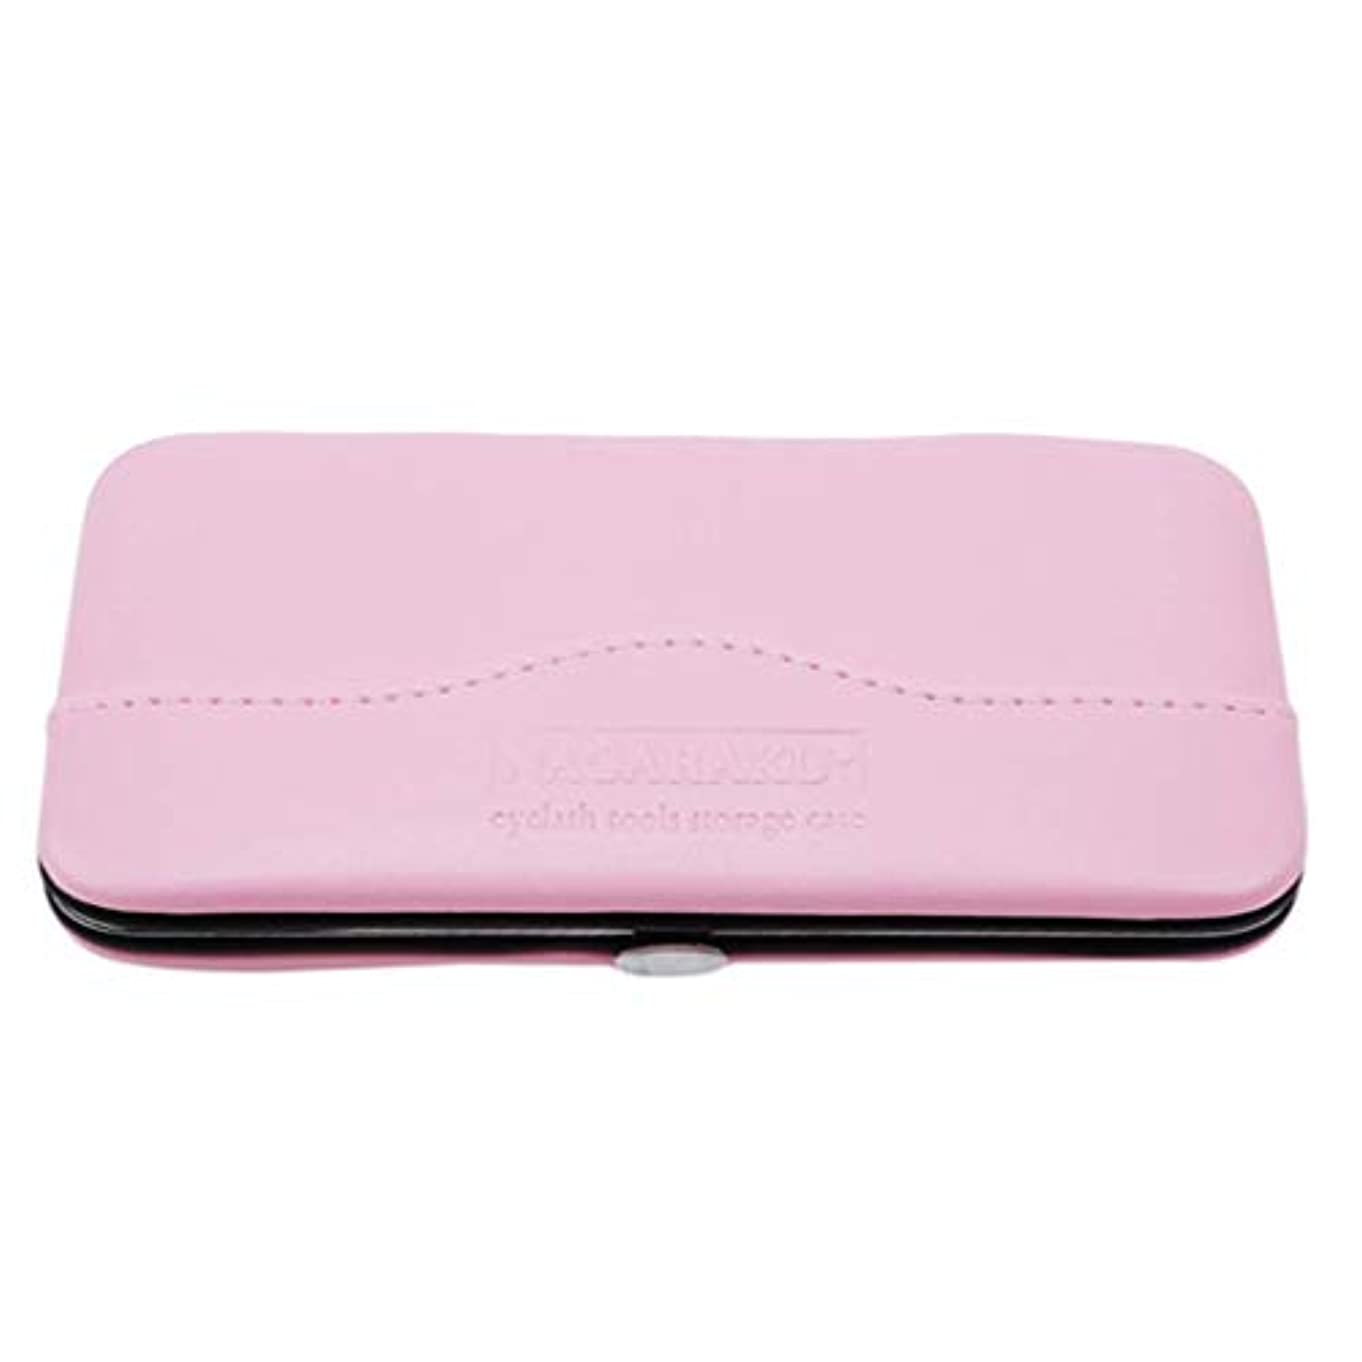 氏収束する腐敗1st market プレミアム品質1ピース化粧道具バッグ用まつげエクステンションピンセット収納ボックスケース